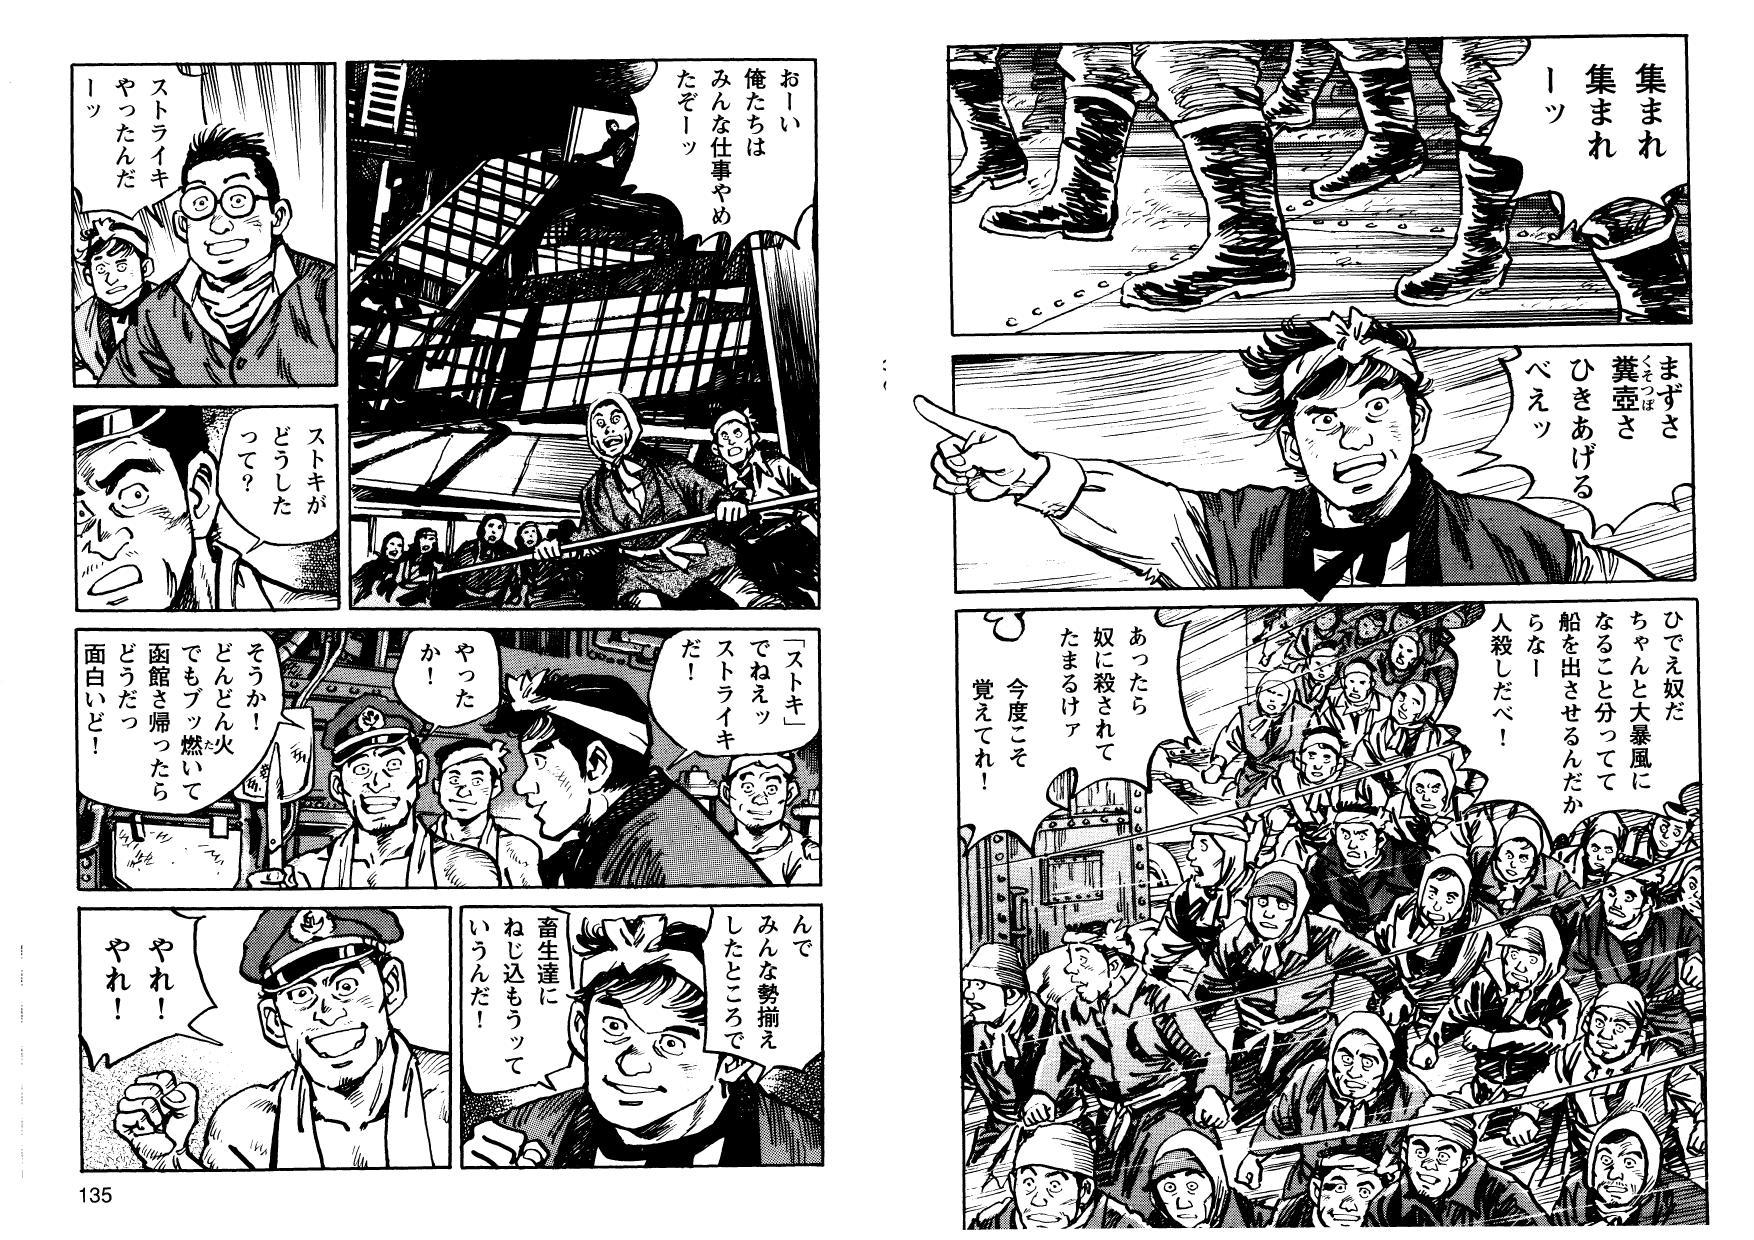 kani_cmc_000068.jpg